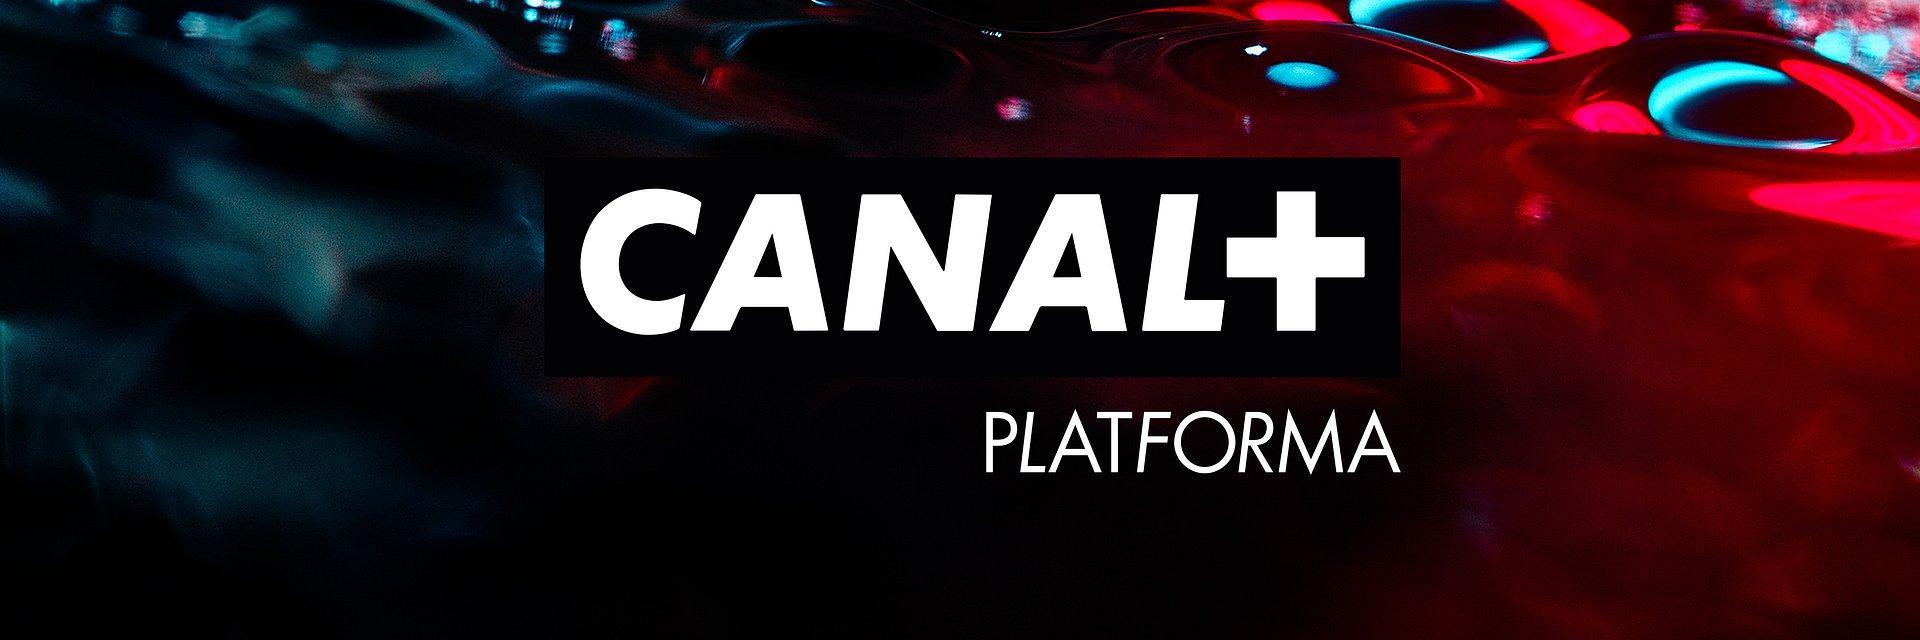 Przenieś telewizję do 4K z ofertą CANAL+ i telewizorem SONY